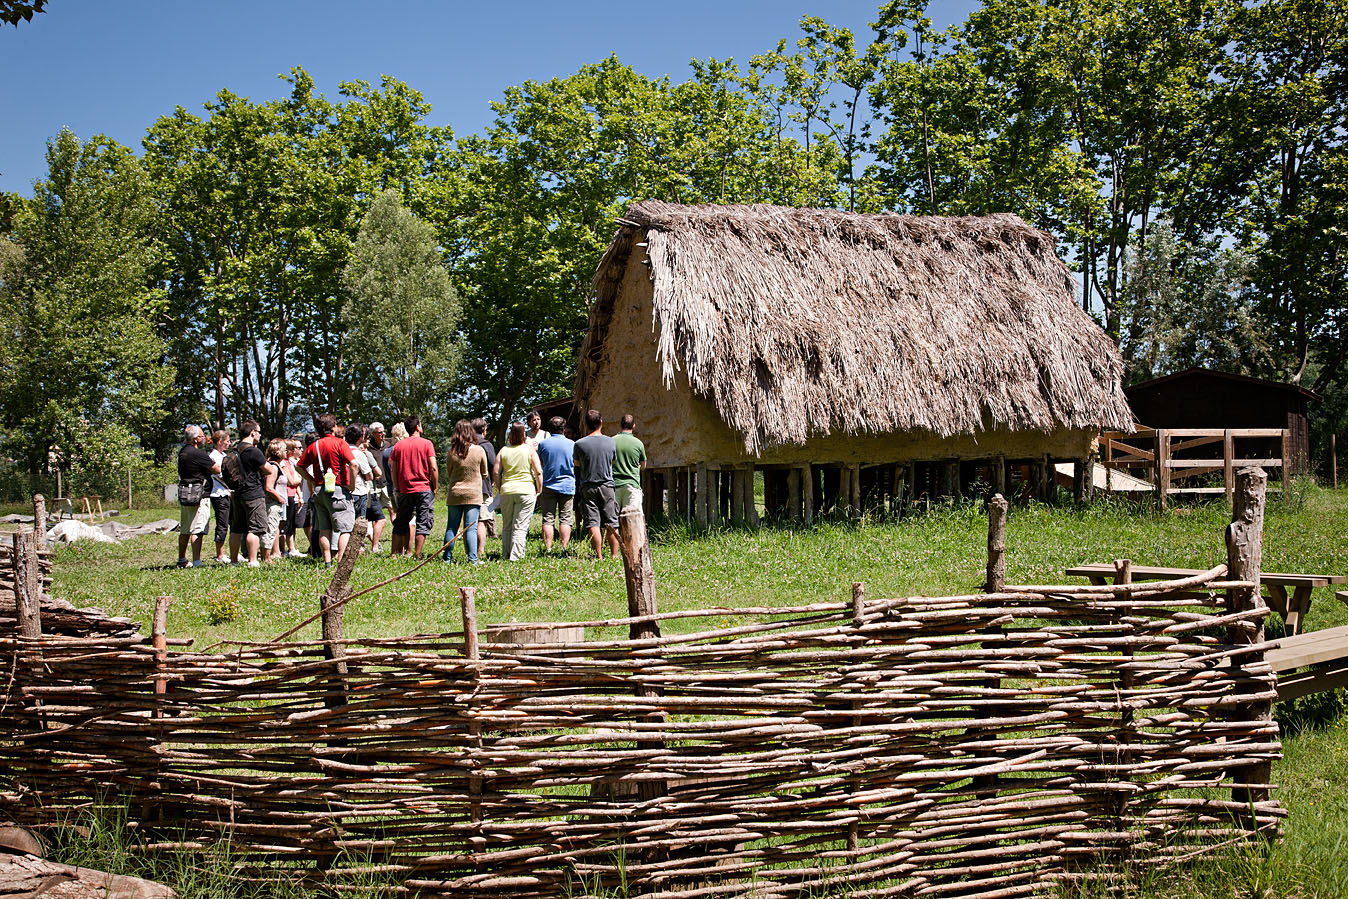 Visita guiada al Parc neolític de La Draga de Banyoles